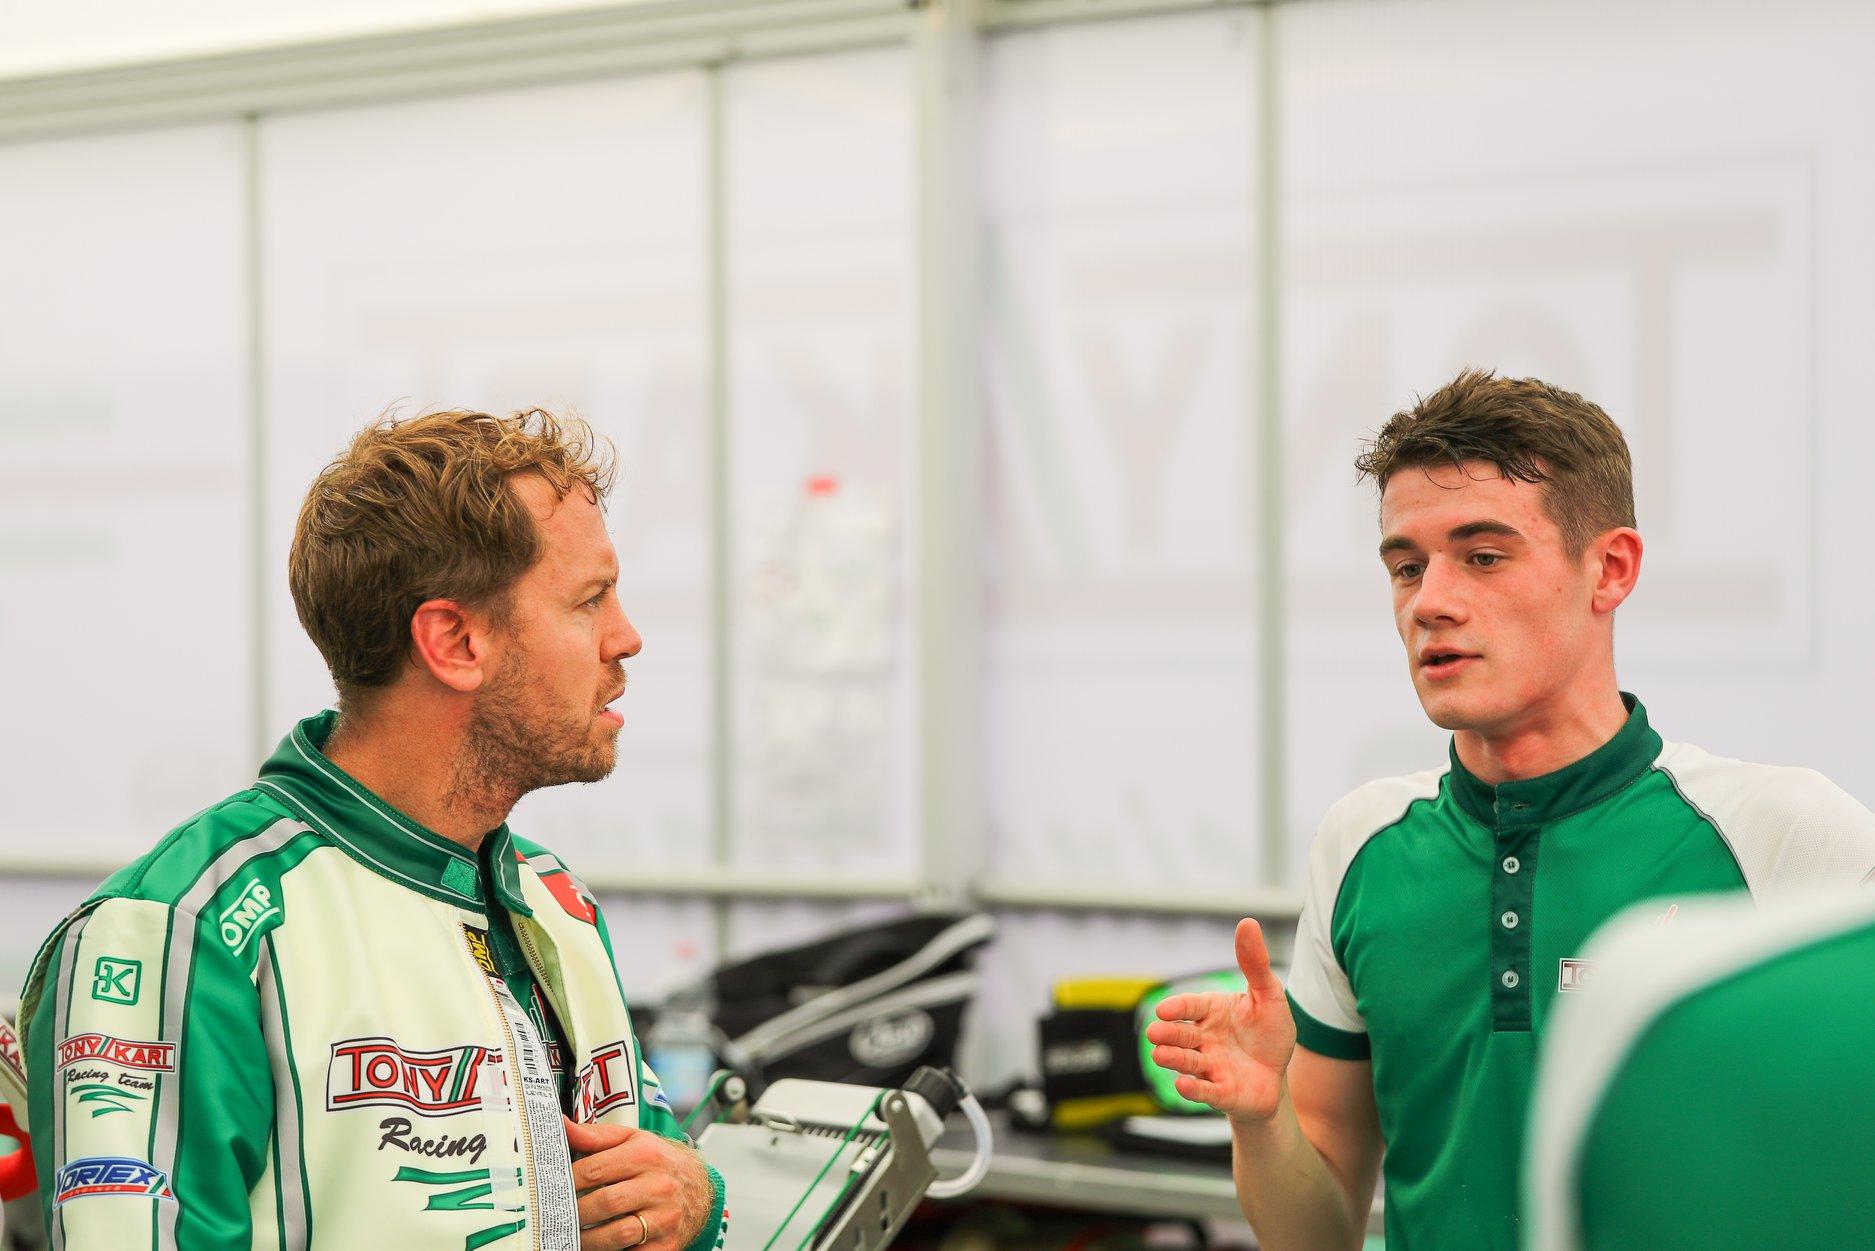 Sebastian_Vettel_testing_Tony_Kart_0019